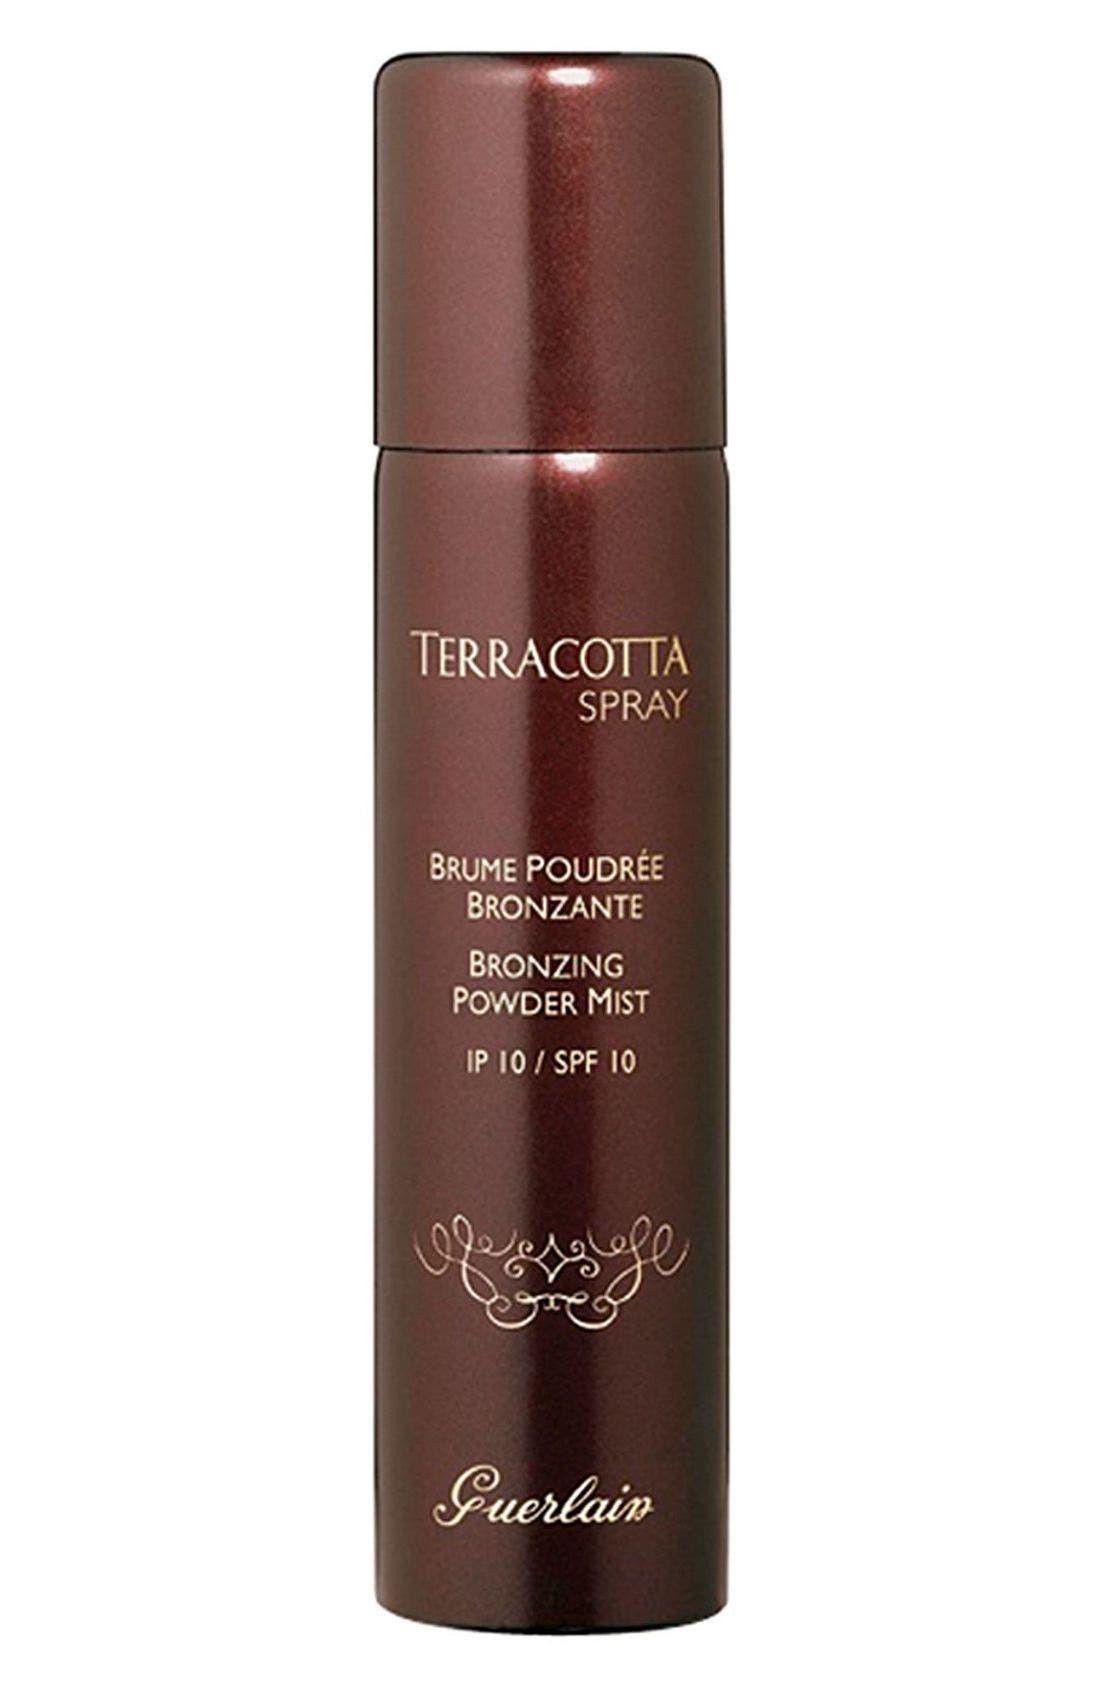 Guerlain 'Terracotta' Bronzing Spray